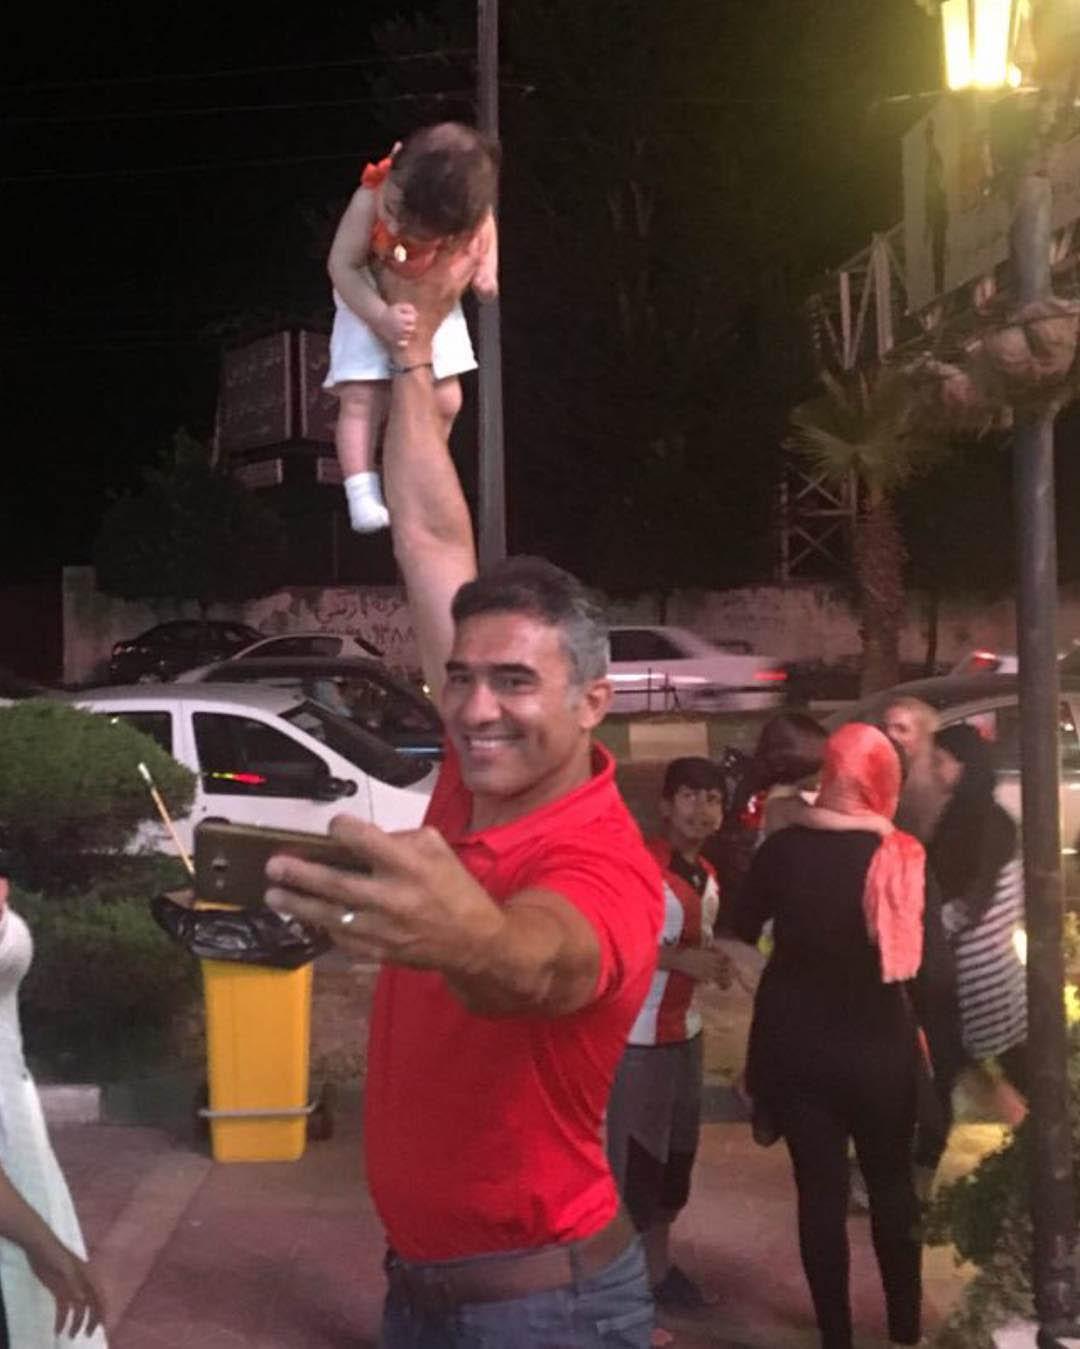 سلفی عجیب احمدرضا عابدزاده که همه را انگشت به دهان کرد + عکس